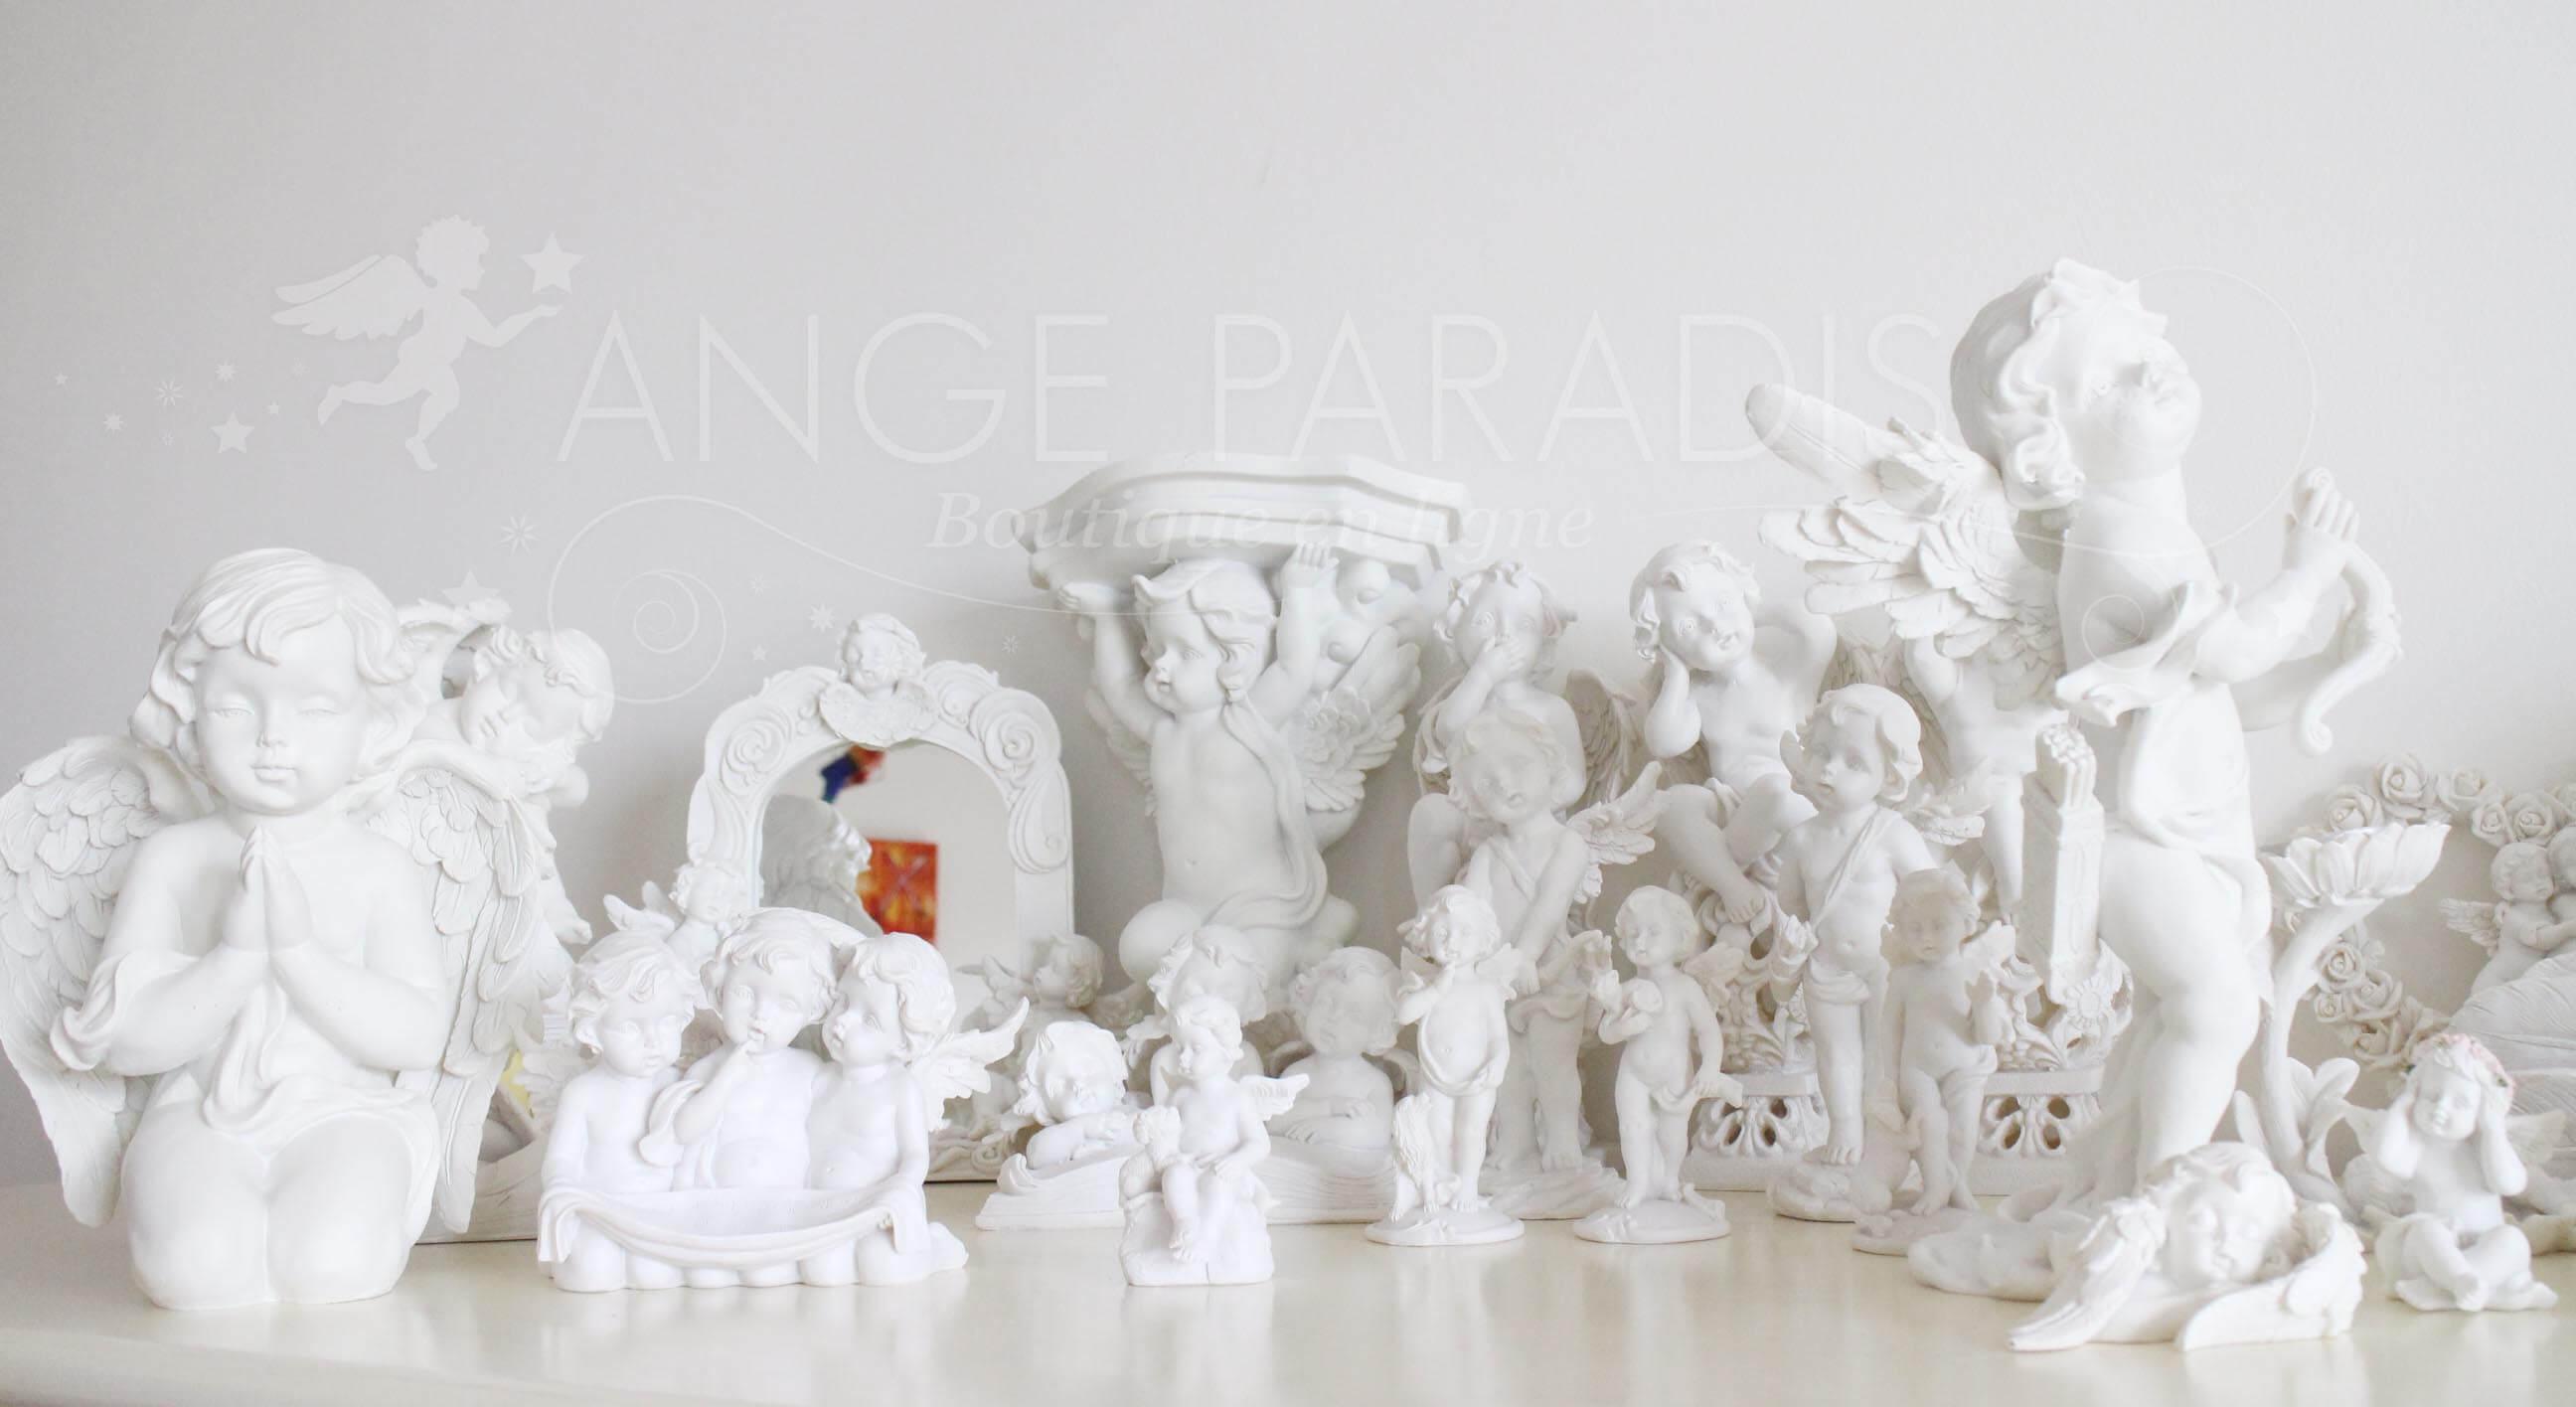 Des statues d'ange Gardien blancs pour protéger, offrir, contempler.